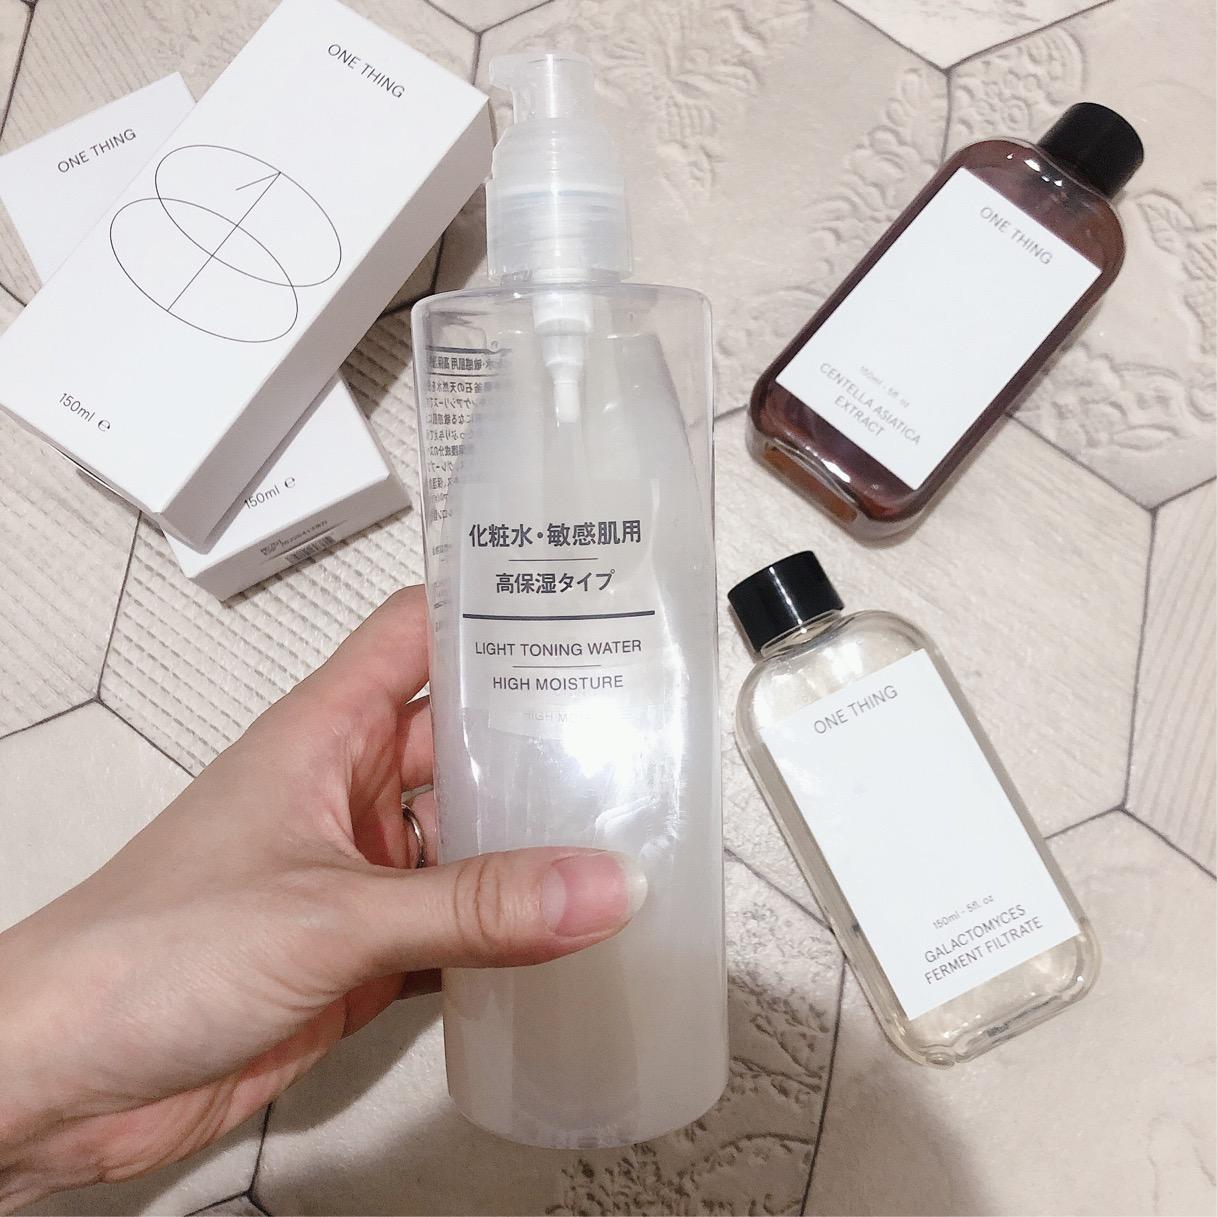 今注目の韓国発!スキンケアブランド《 ONE THING 》って知ってる?!自分オリジナルの化粧水が作れちゃう❤︎_4